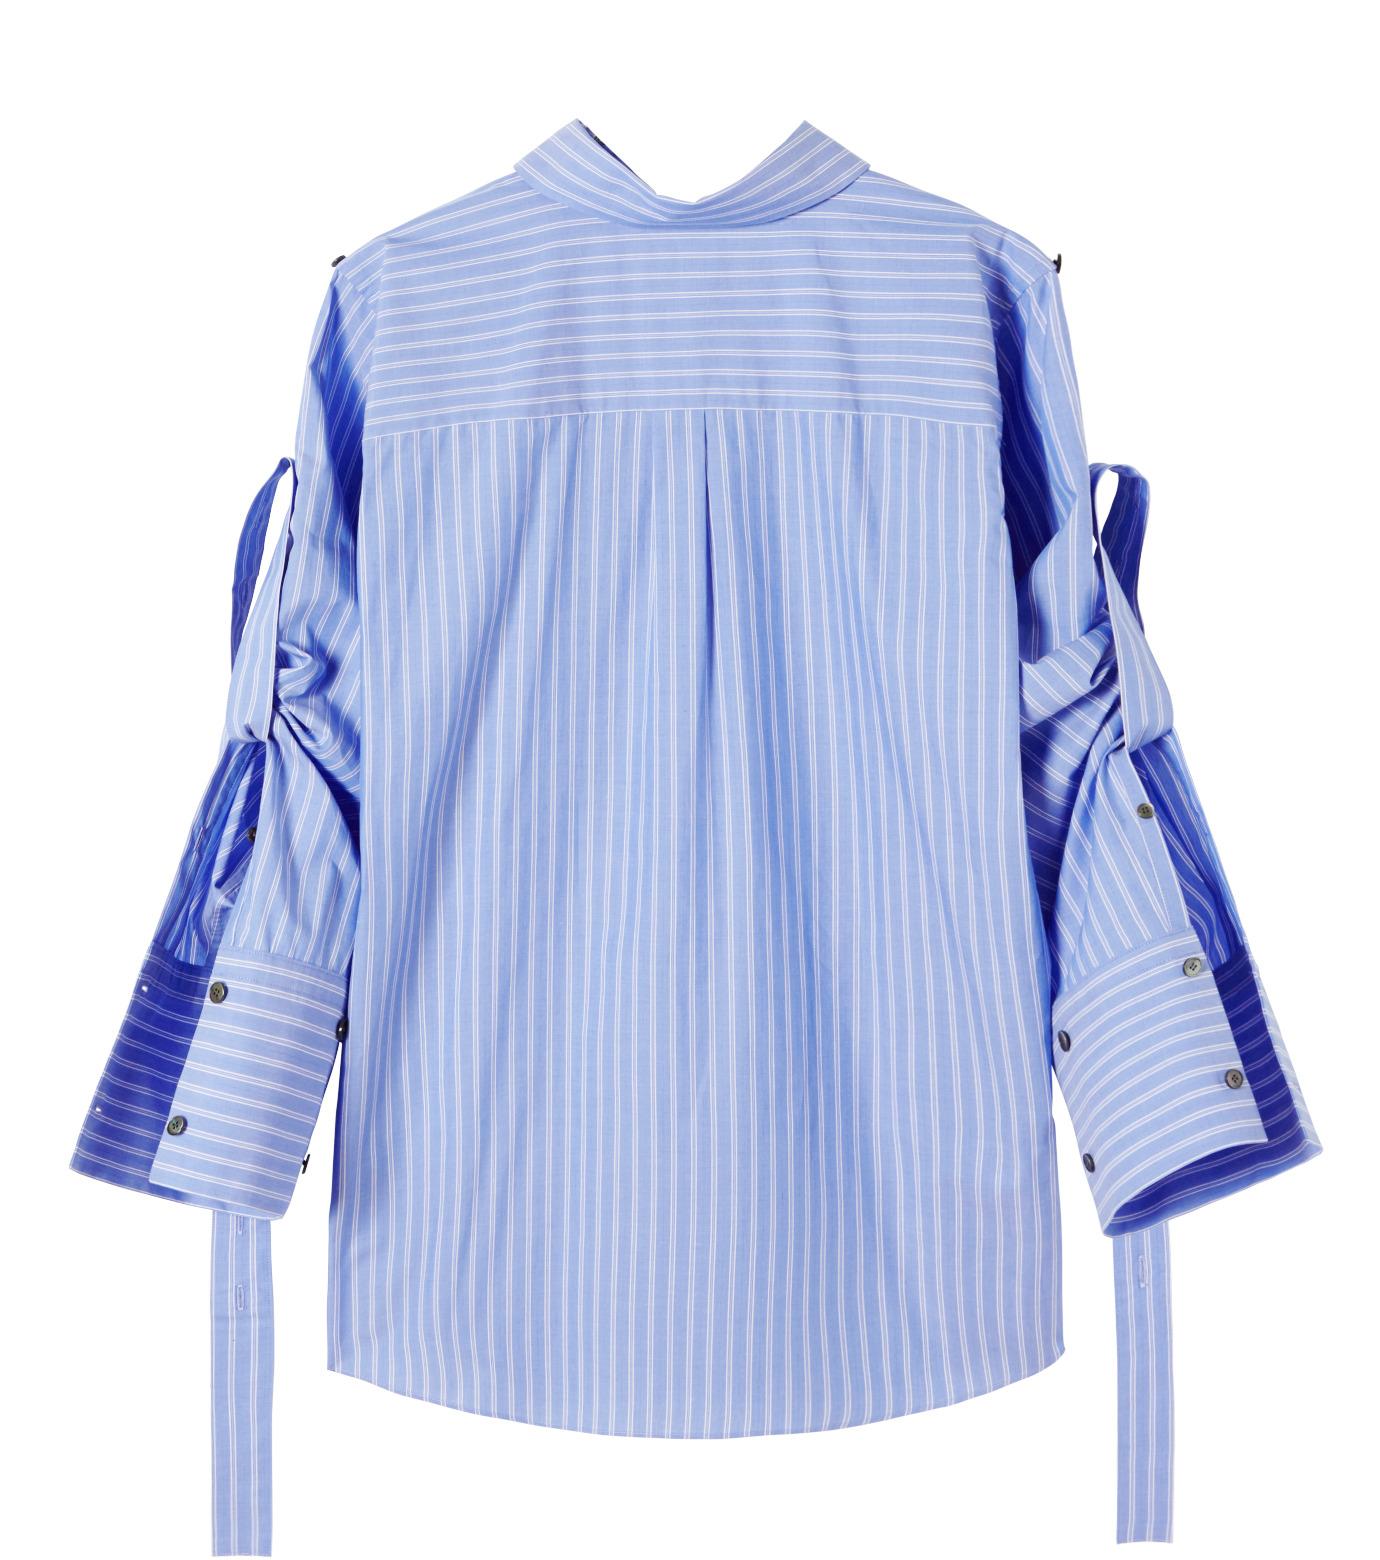 IRENE(アイレネ)のバックワーズシャツ-BLUE(シャツ/shirt)-19S83009 拡大詳細画像8